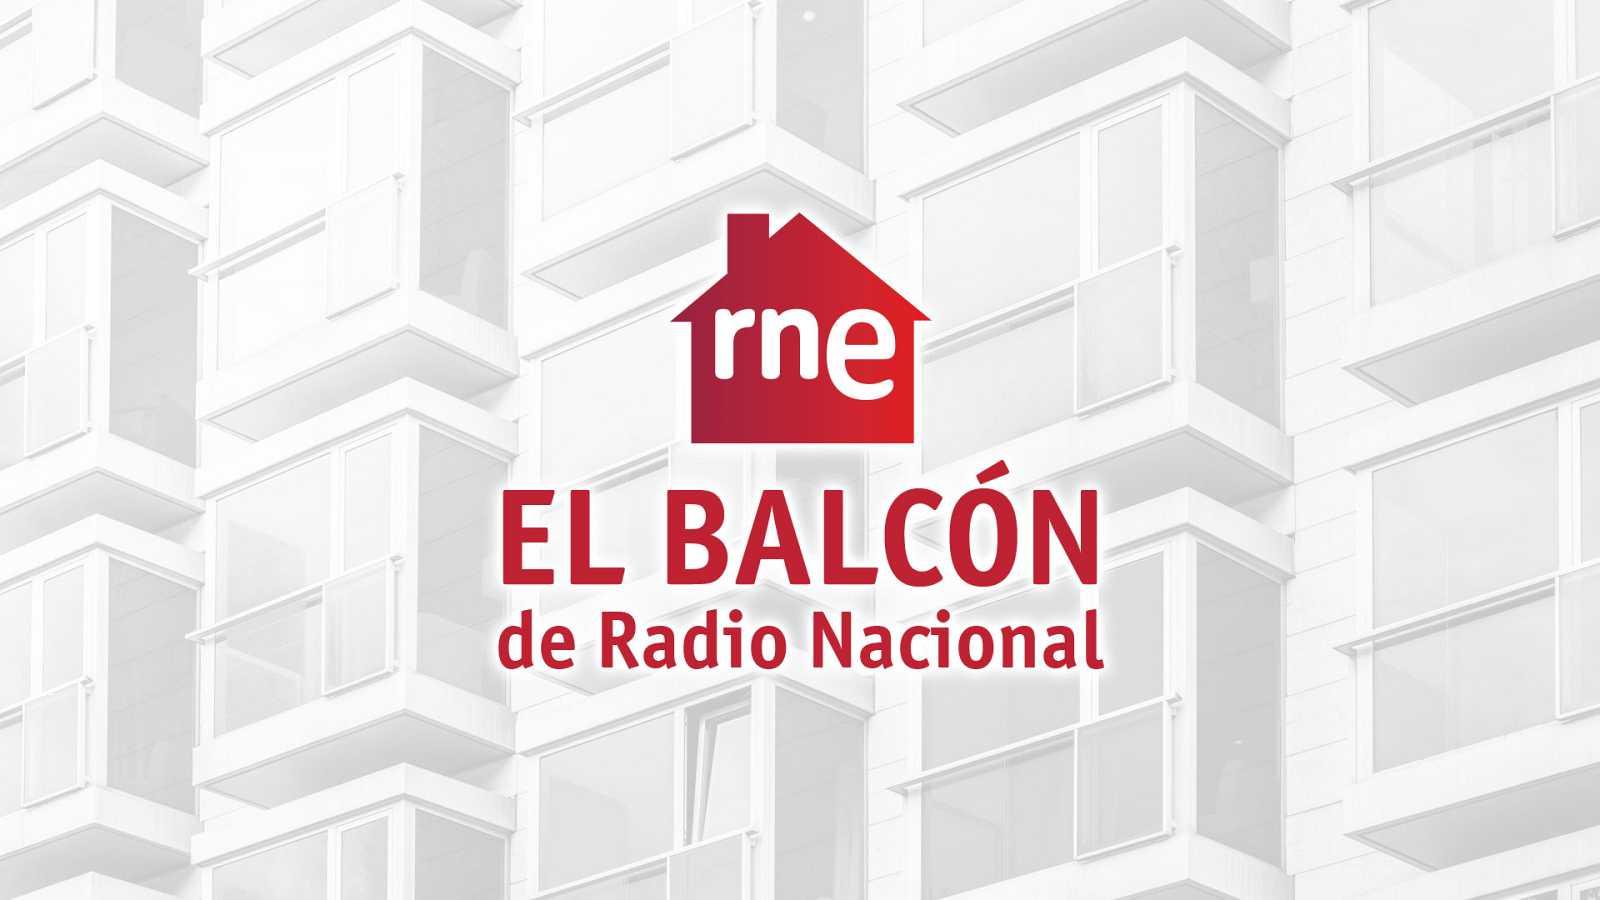 El balcón de Radio Nacional - 02/07/20 - escuchar ahora